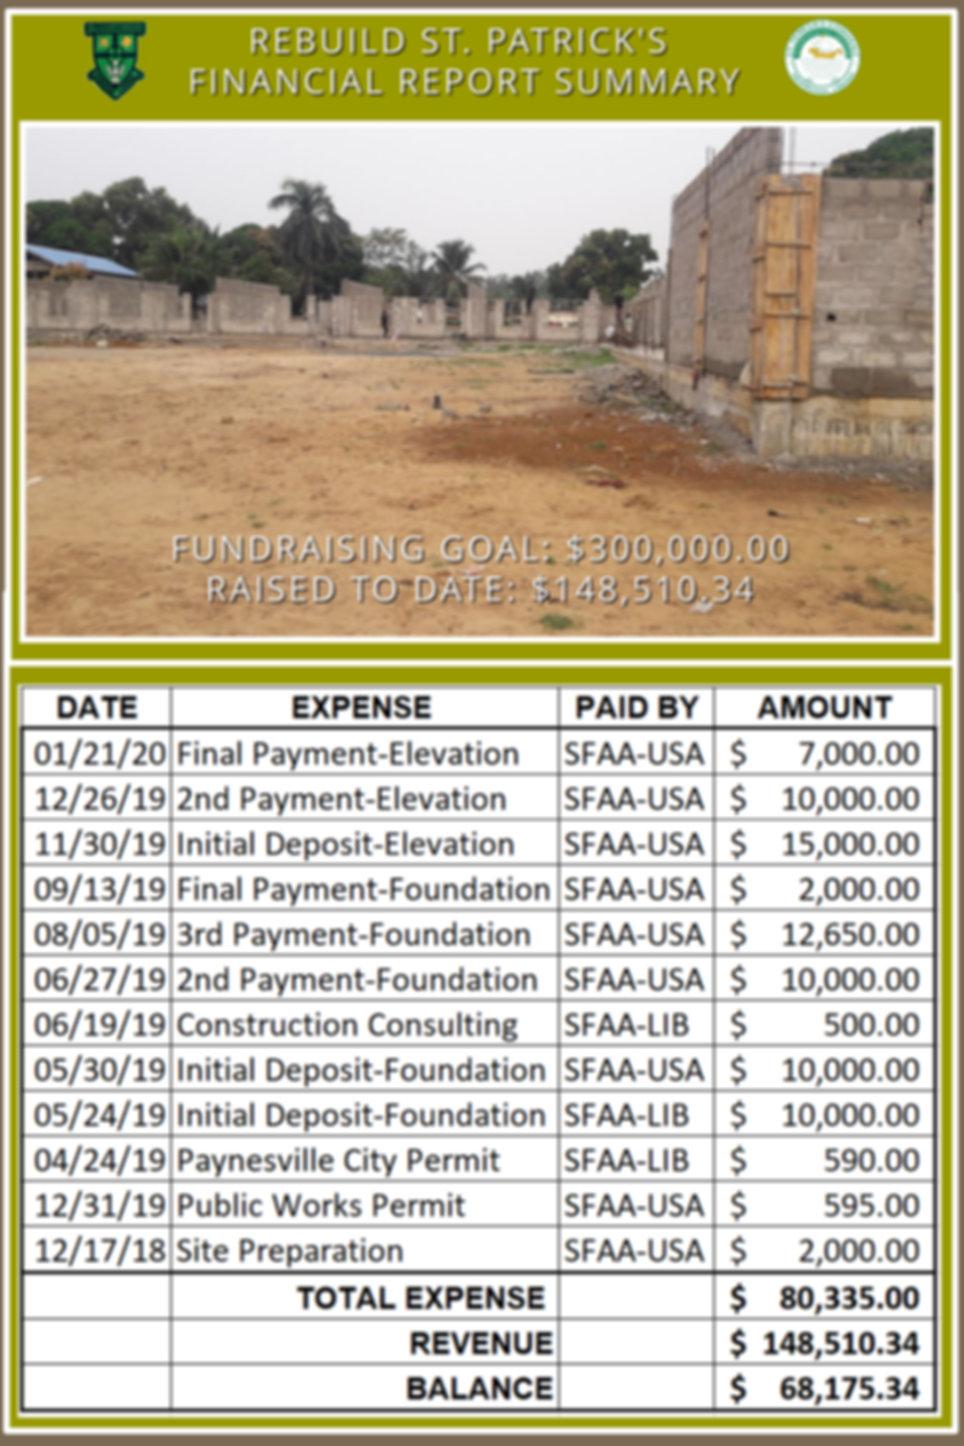 Rebuild St. Pats Financial Report Summar